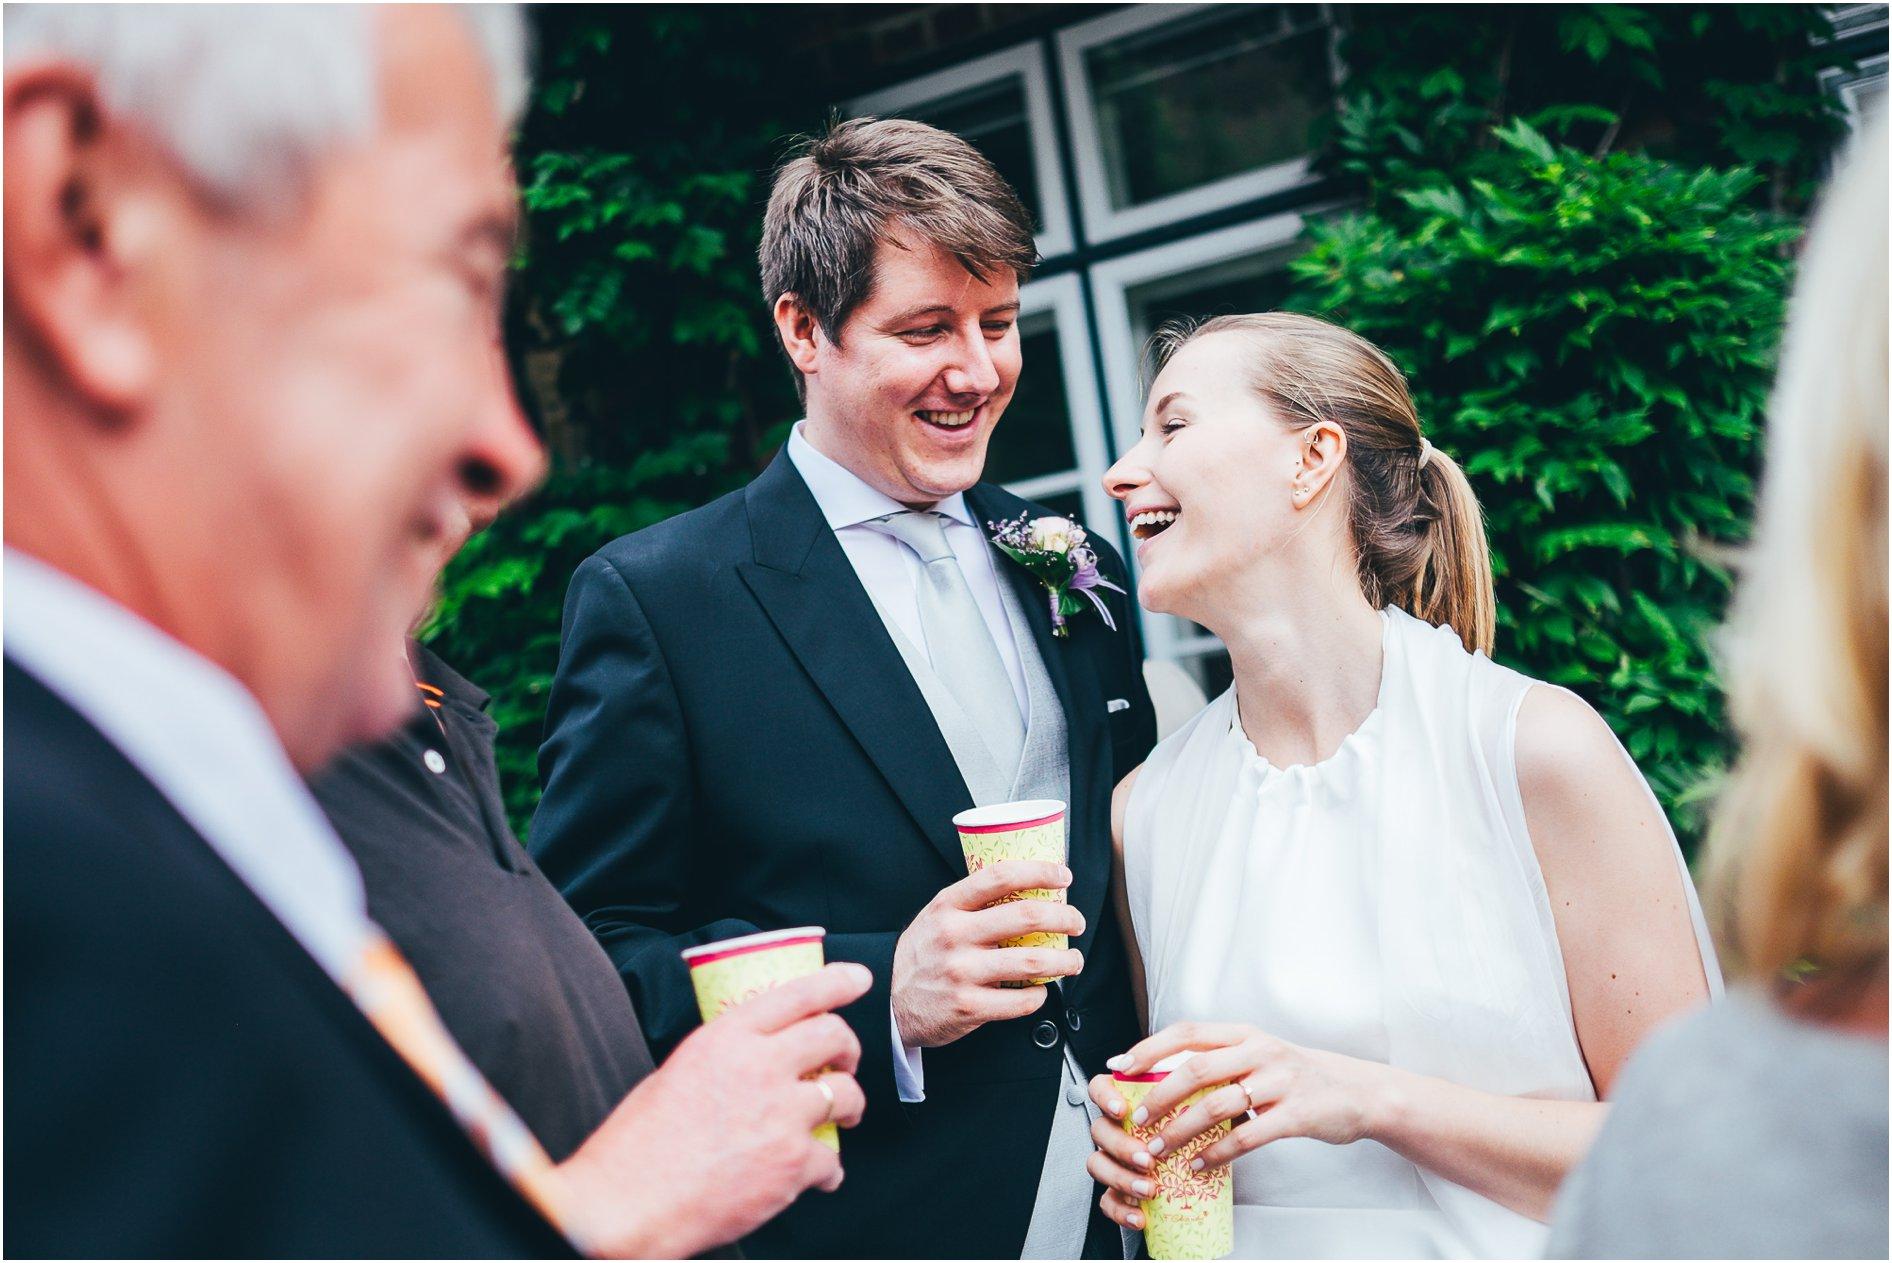 2014-10-13_0046 Jenny & Matthias - Hochzeitsfotograf auf Gut Bardenhagen